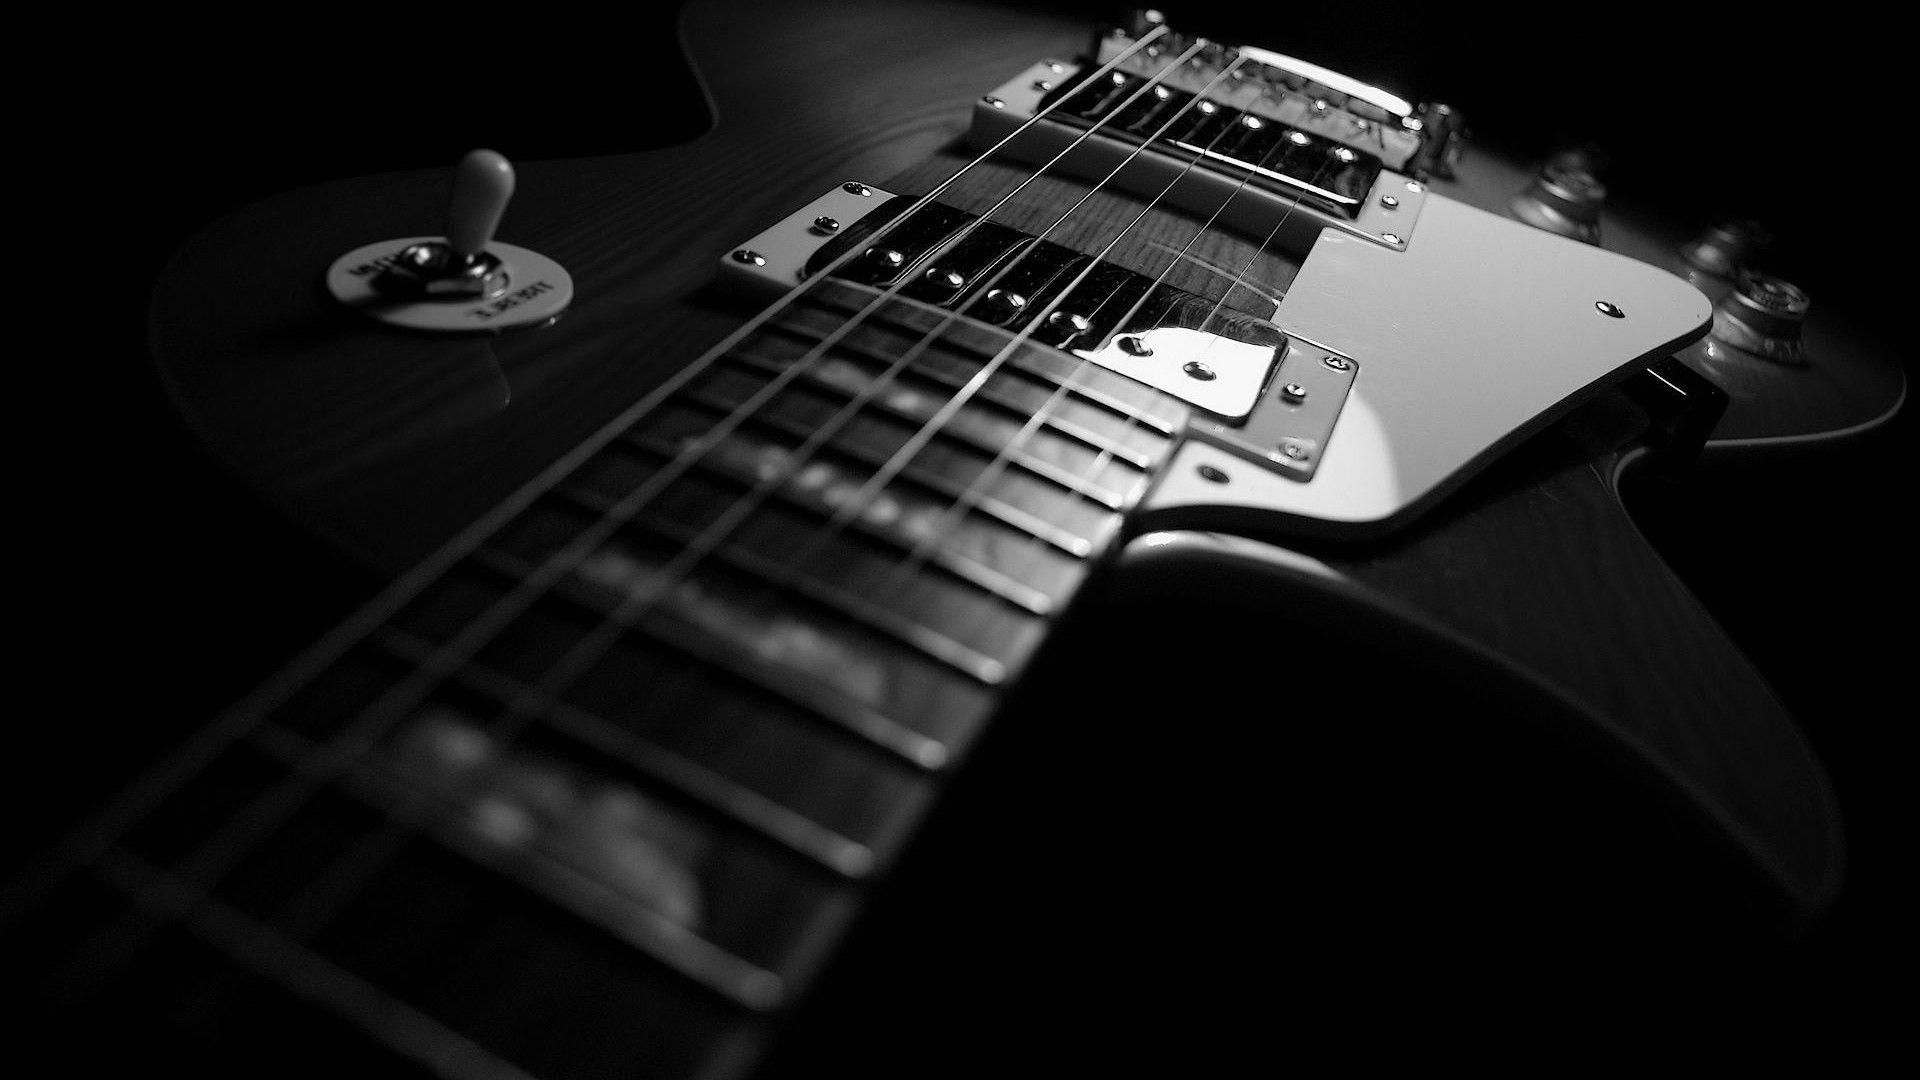 Tumblr Wallpapers For Iphone. Guitar 1080p Wallpaper